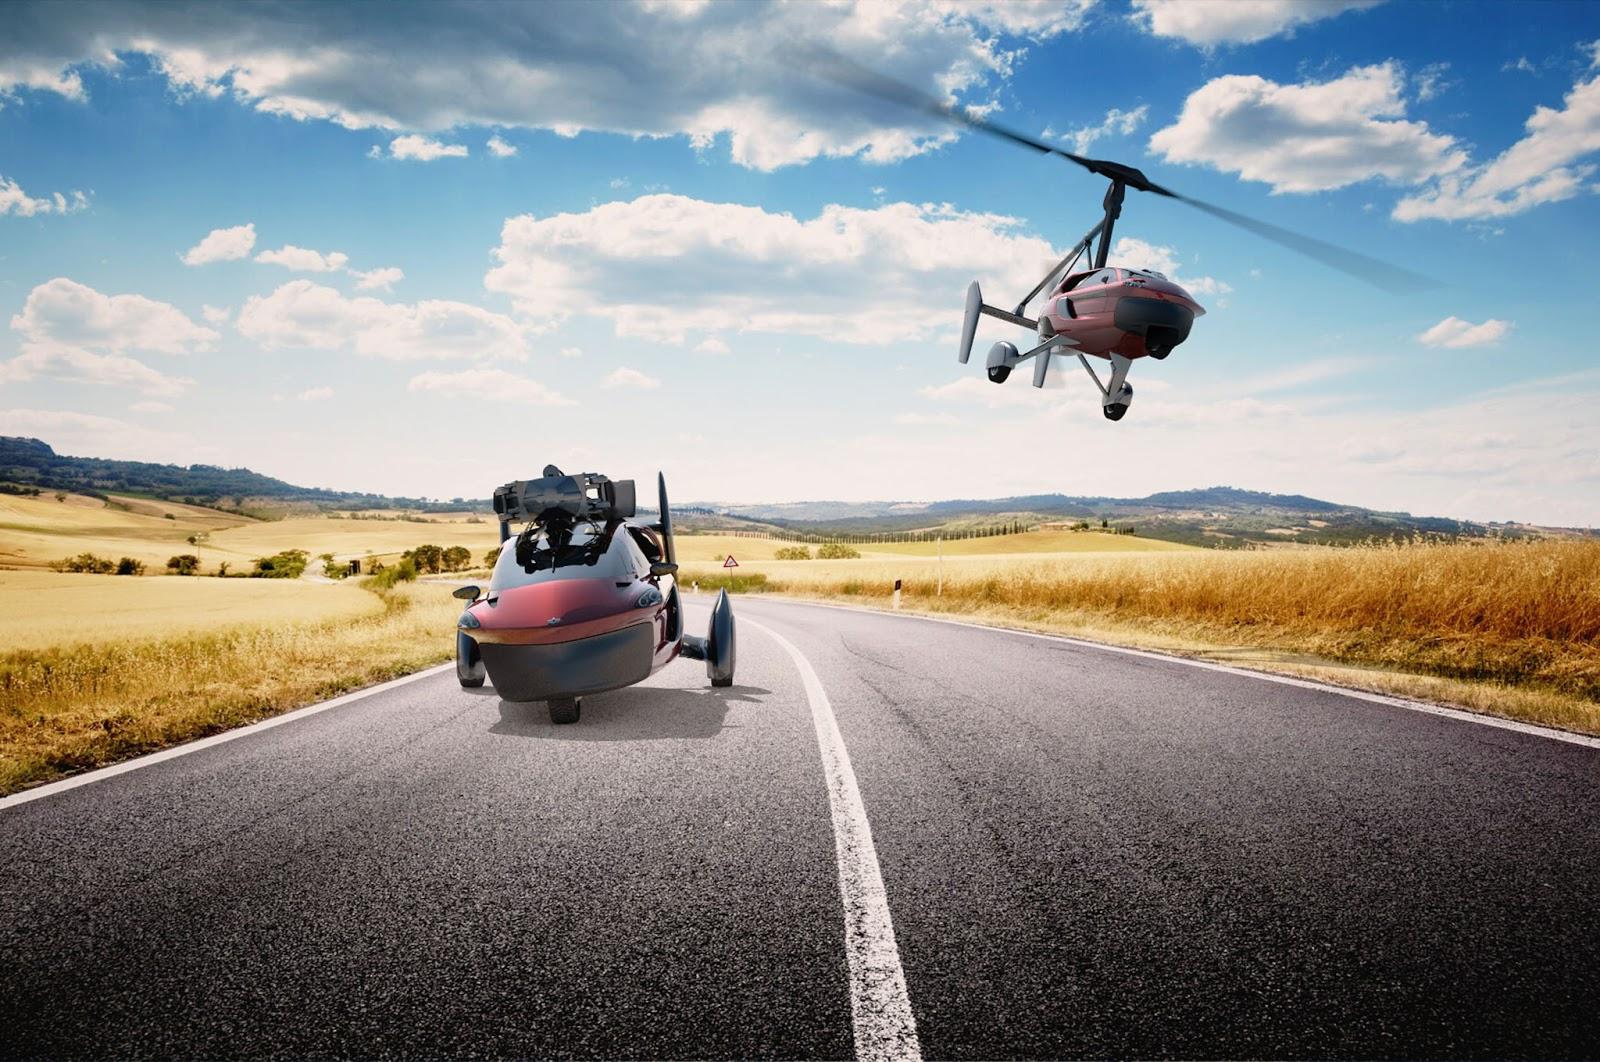 هواخودروی هلندی و قیمت 600 هزار دلاری